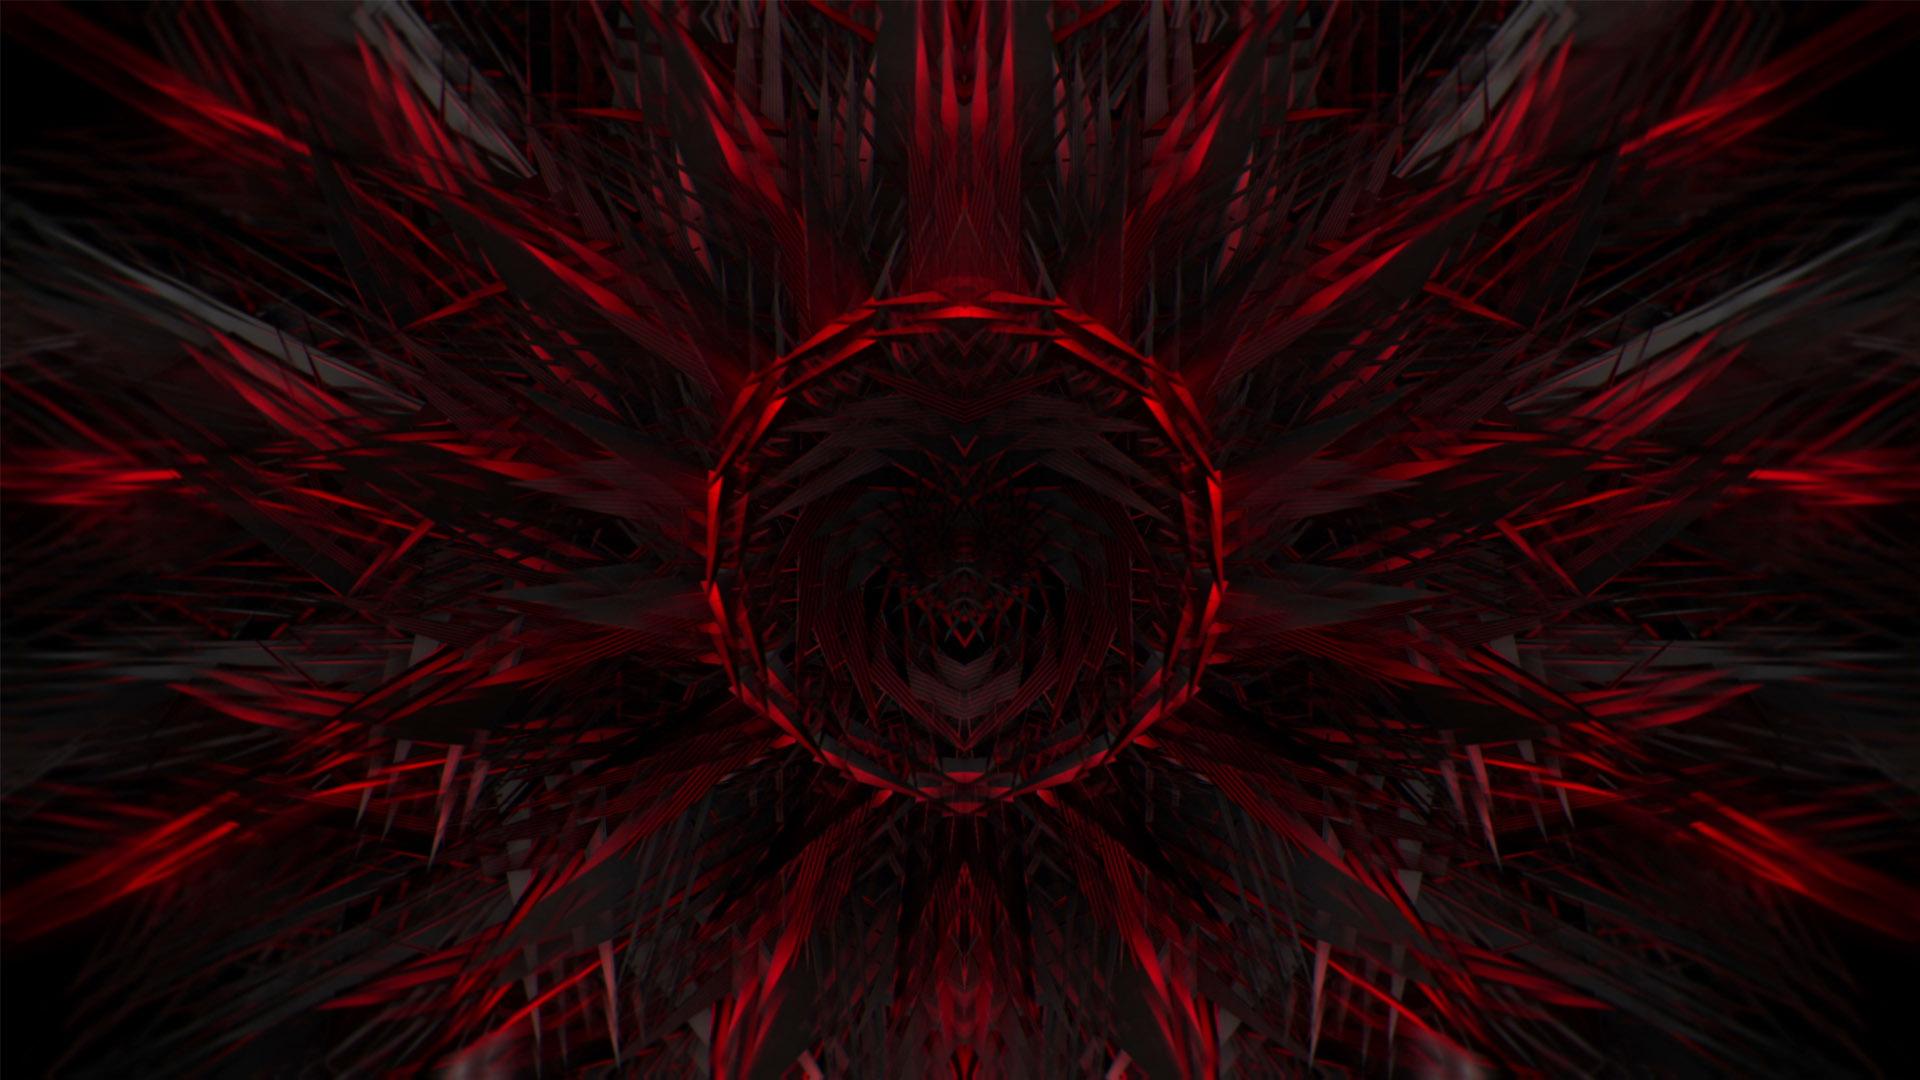 VJ Loops Pack Vol 30 - Stage Patterns 1080p 60 fps Video: LIME ART GROUP